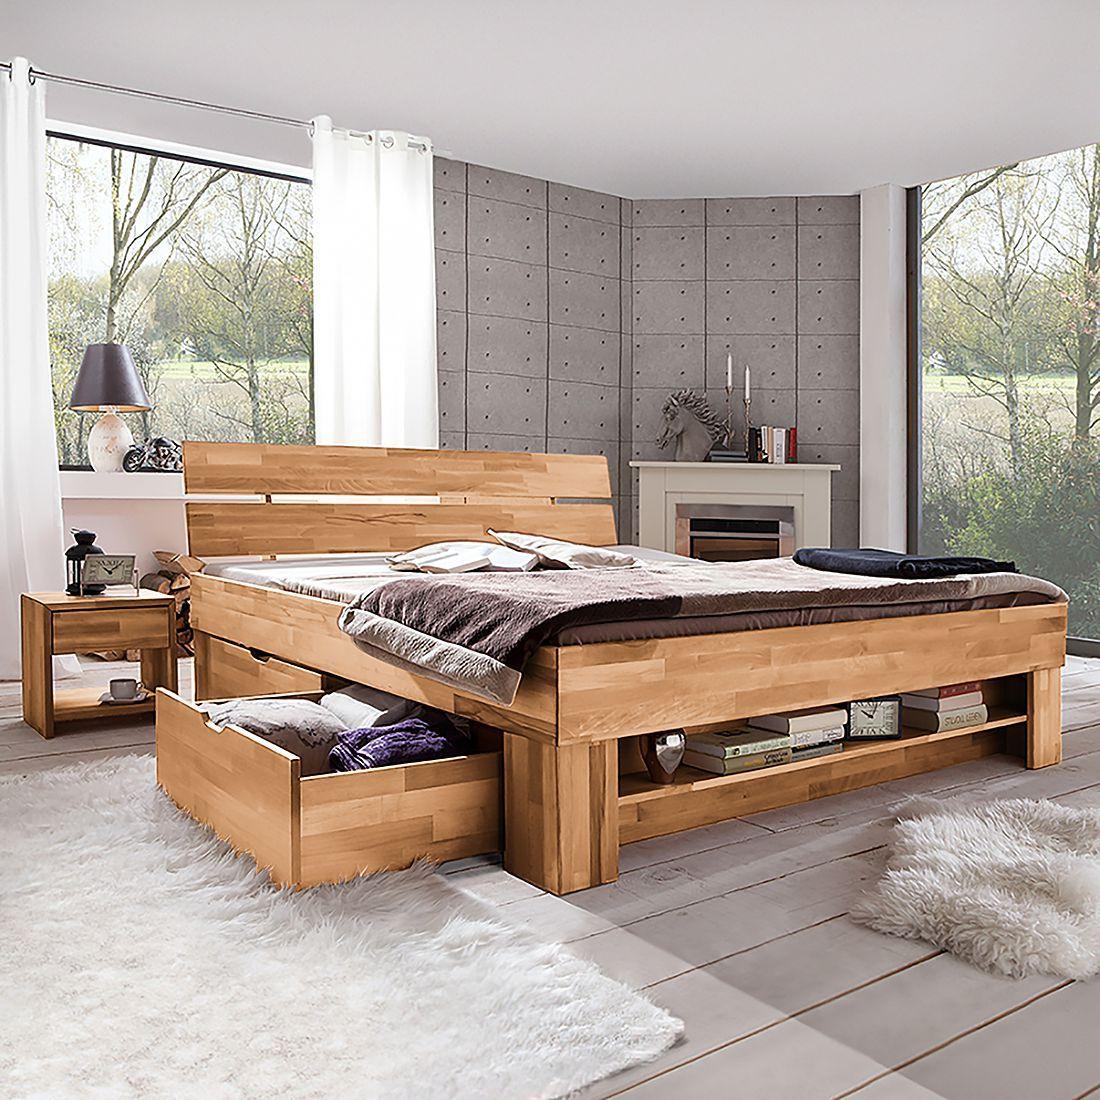 Massivholzbett Tollow Wohnen, Bett und Schlafzimmer set